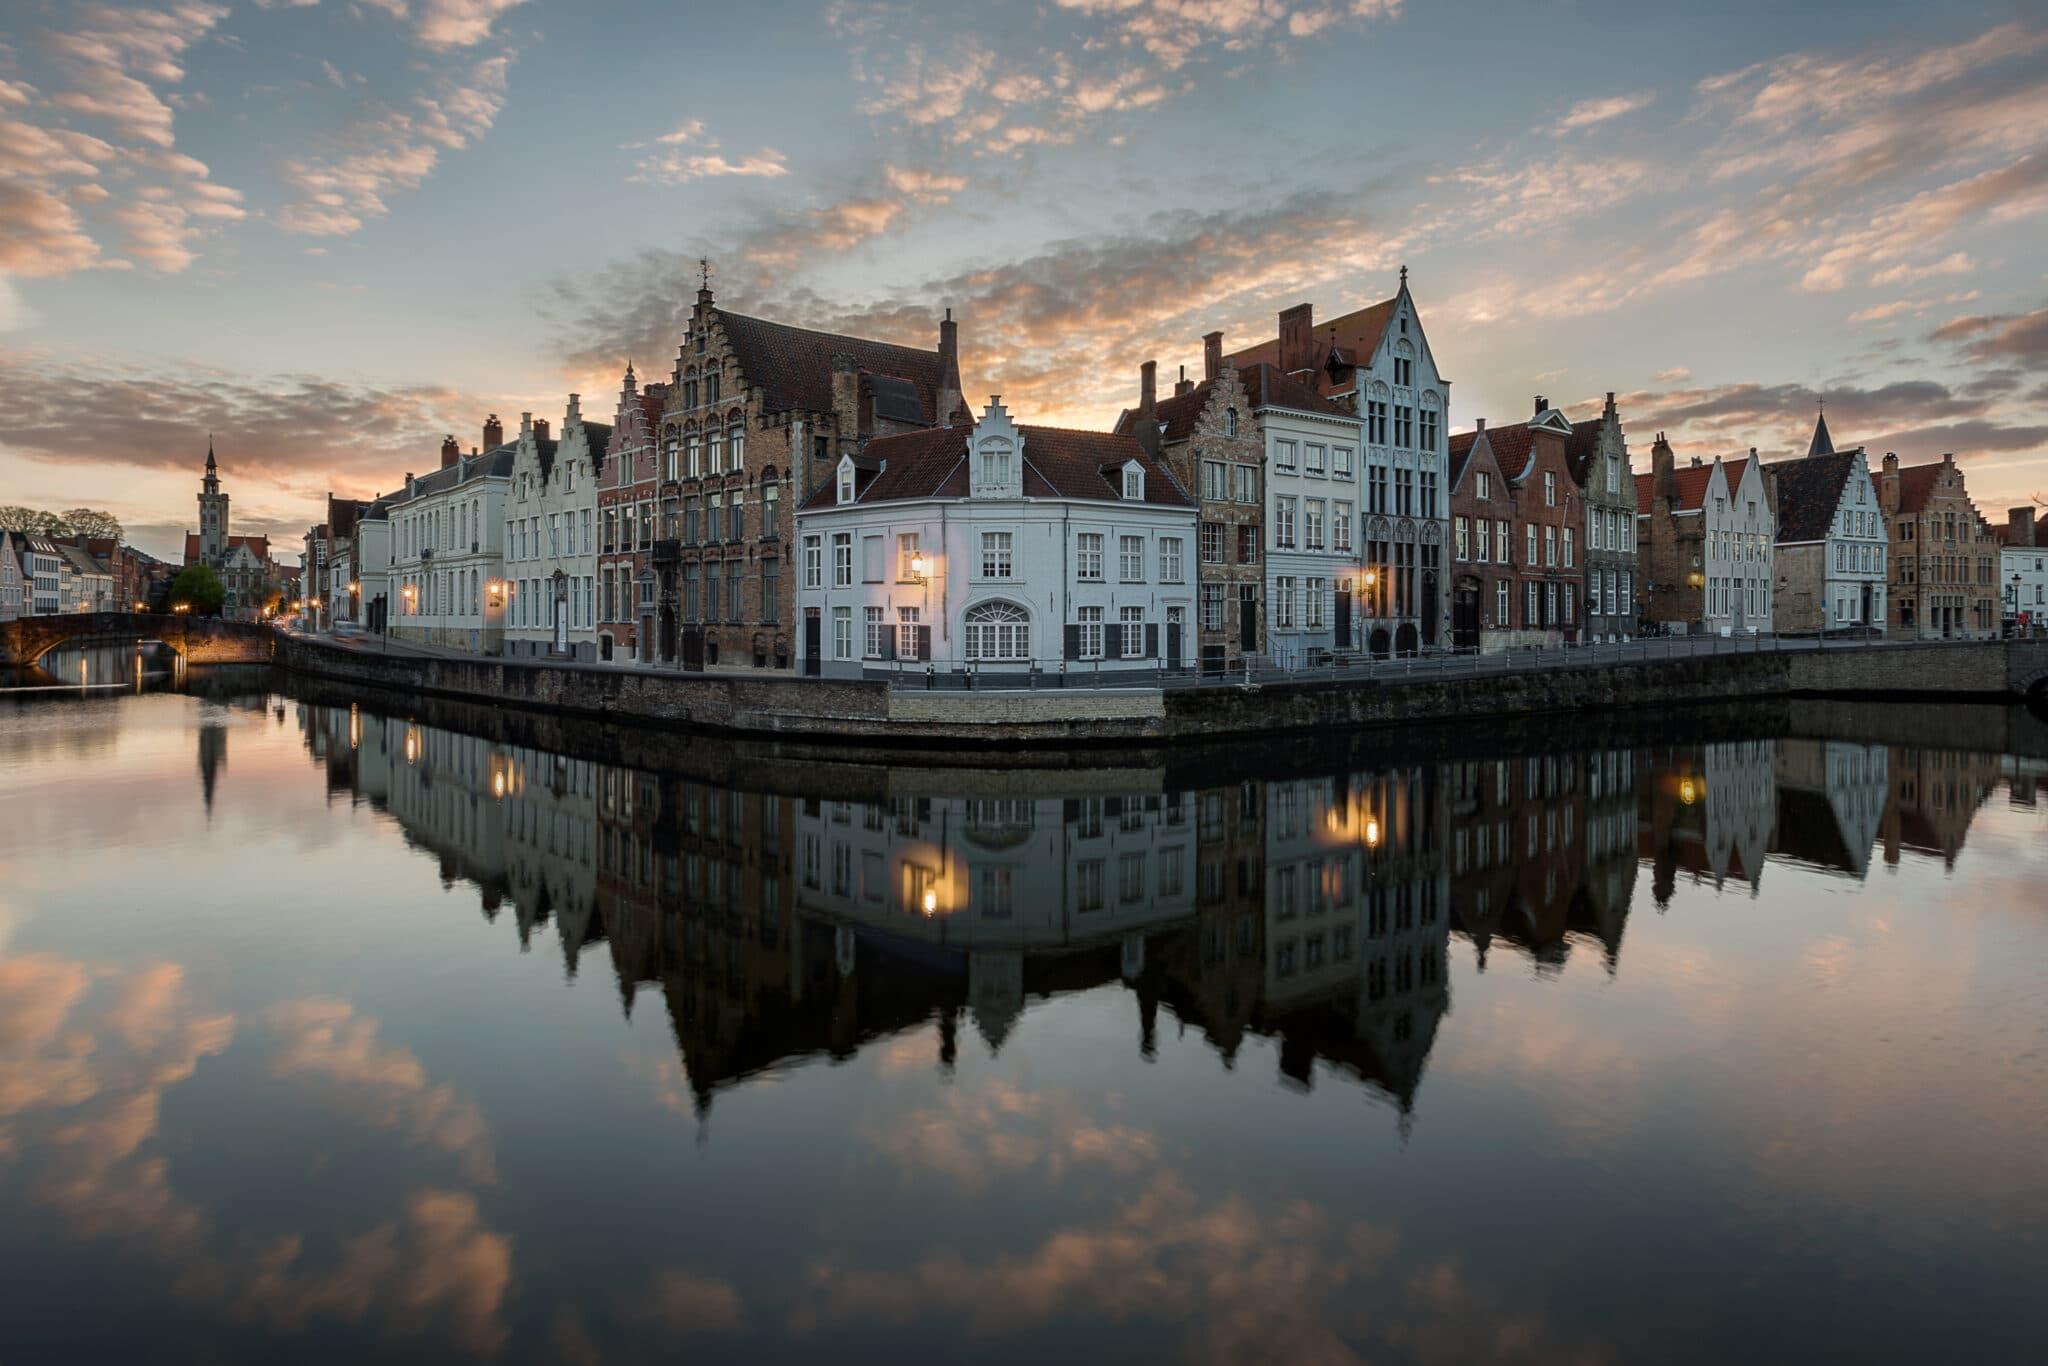 Cityscape - Bruges by Night - Spiegelrei - Fotografie Krist